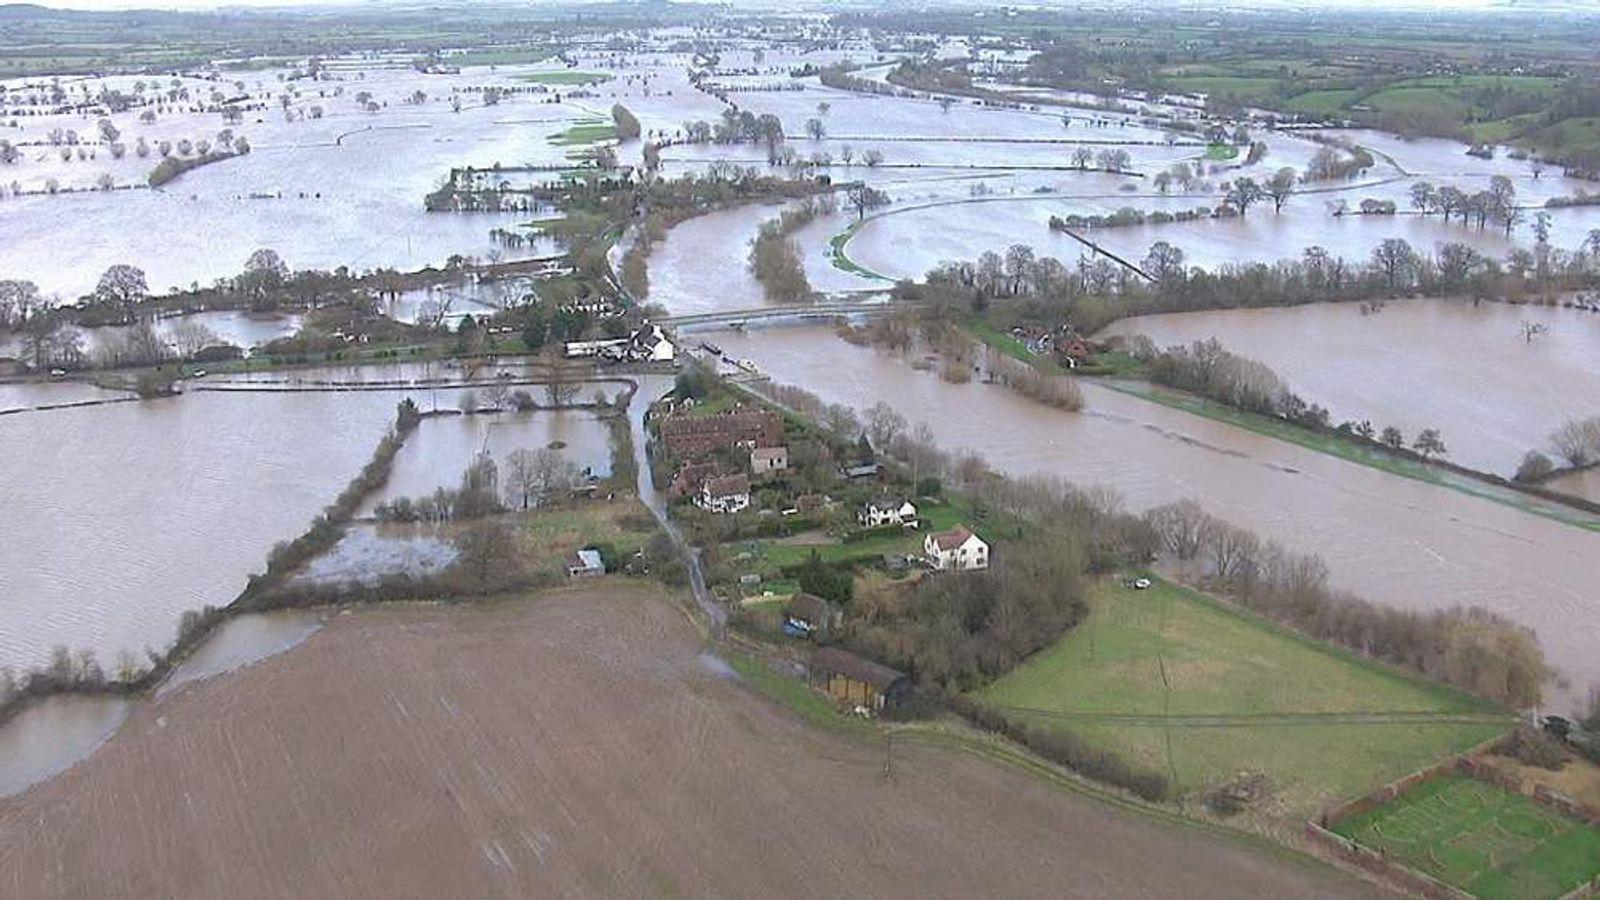 Flood damage in Britain